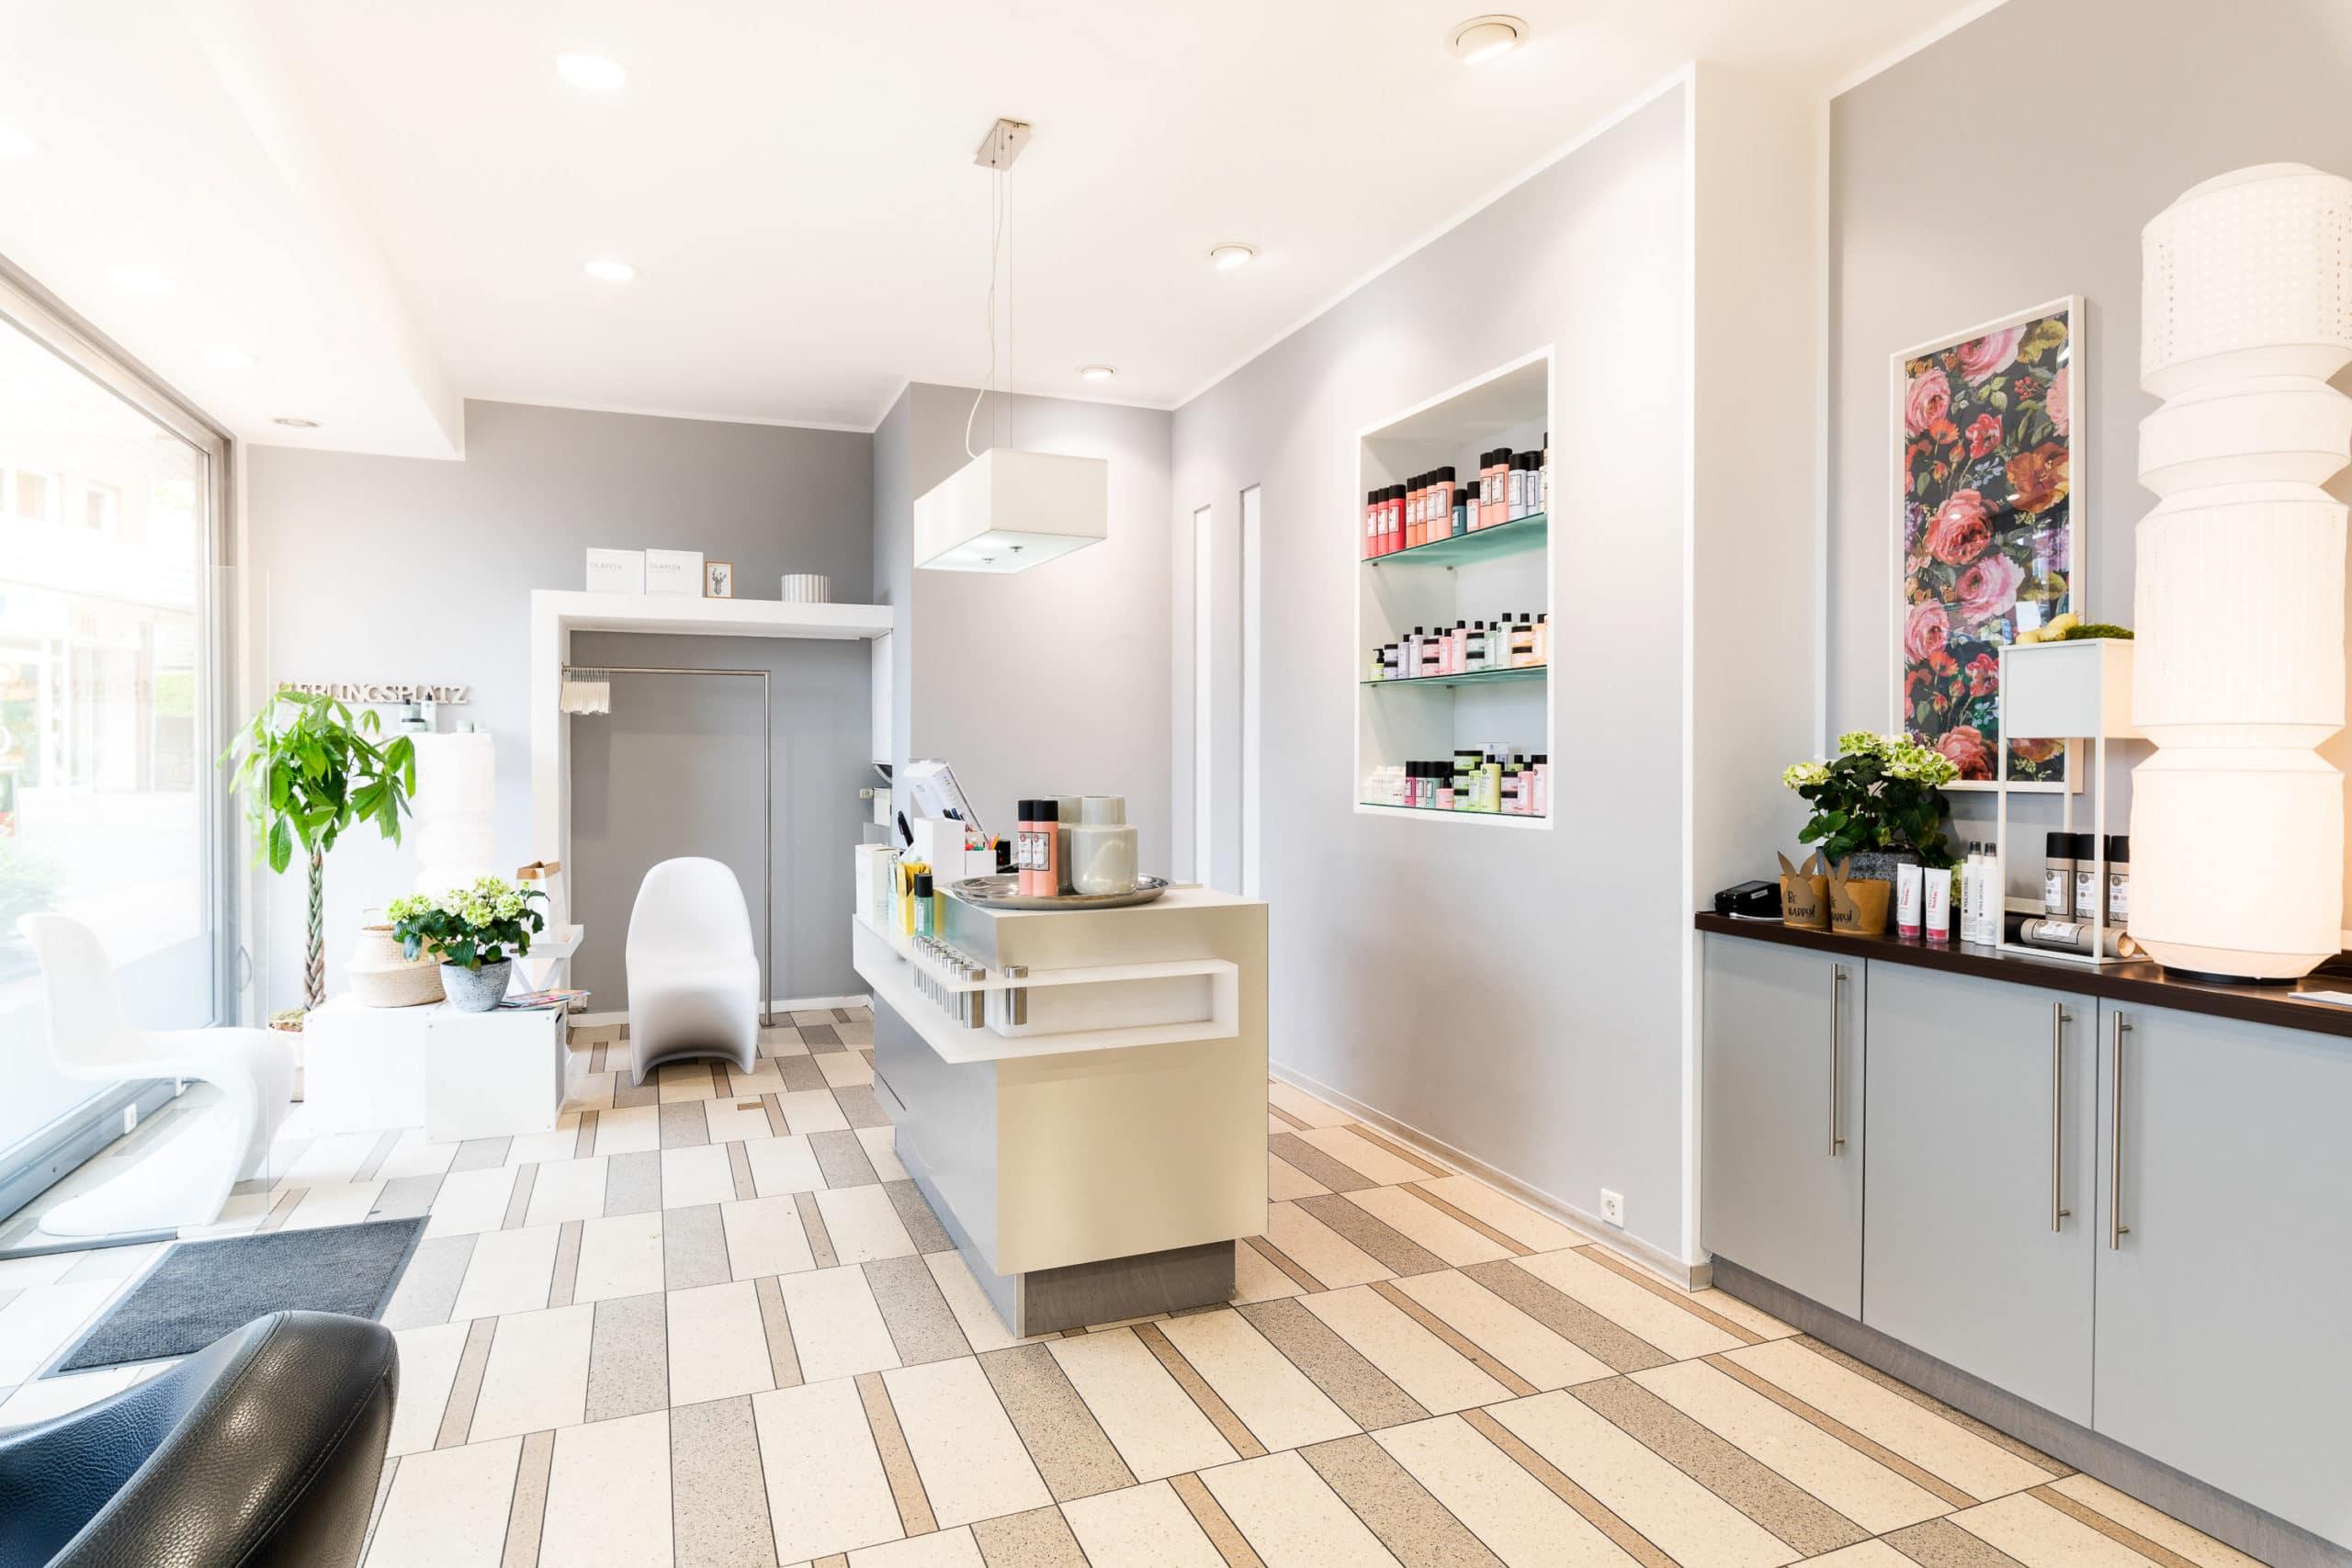 Lichtdurchflutete Interieur Aufnahme eines modernen Friseur Salon in Pastell Farben mit großem Fenster |Architekturfotograf in der Region Osnabrück Münster Bielefeld für Interieurfotografie